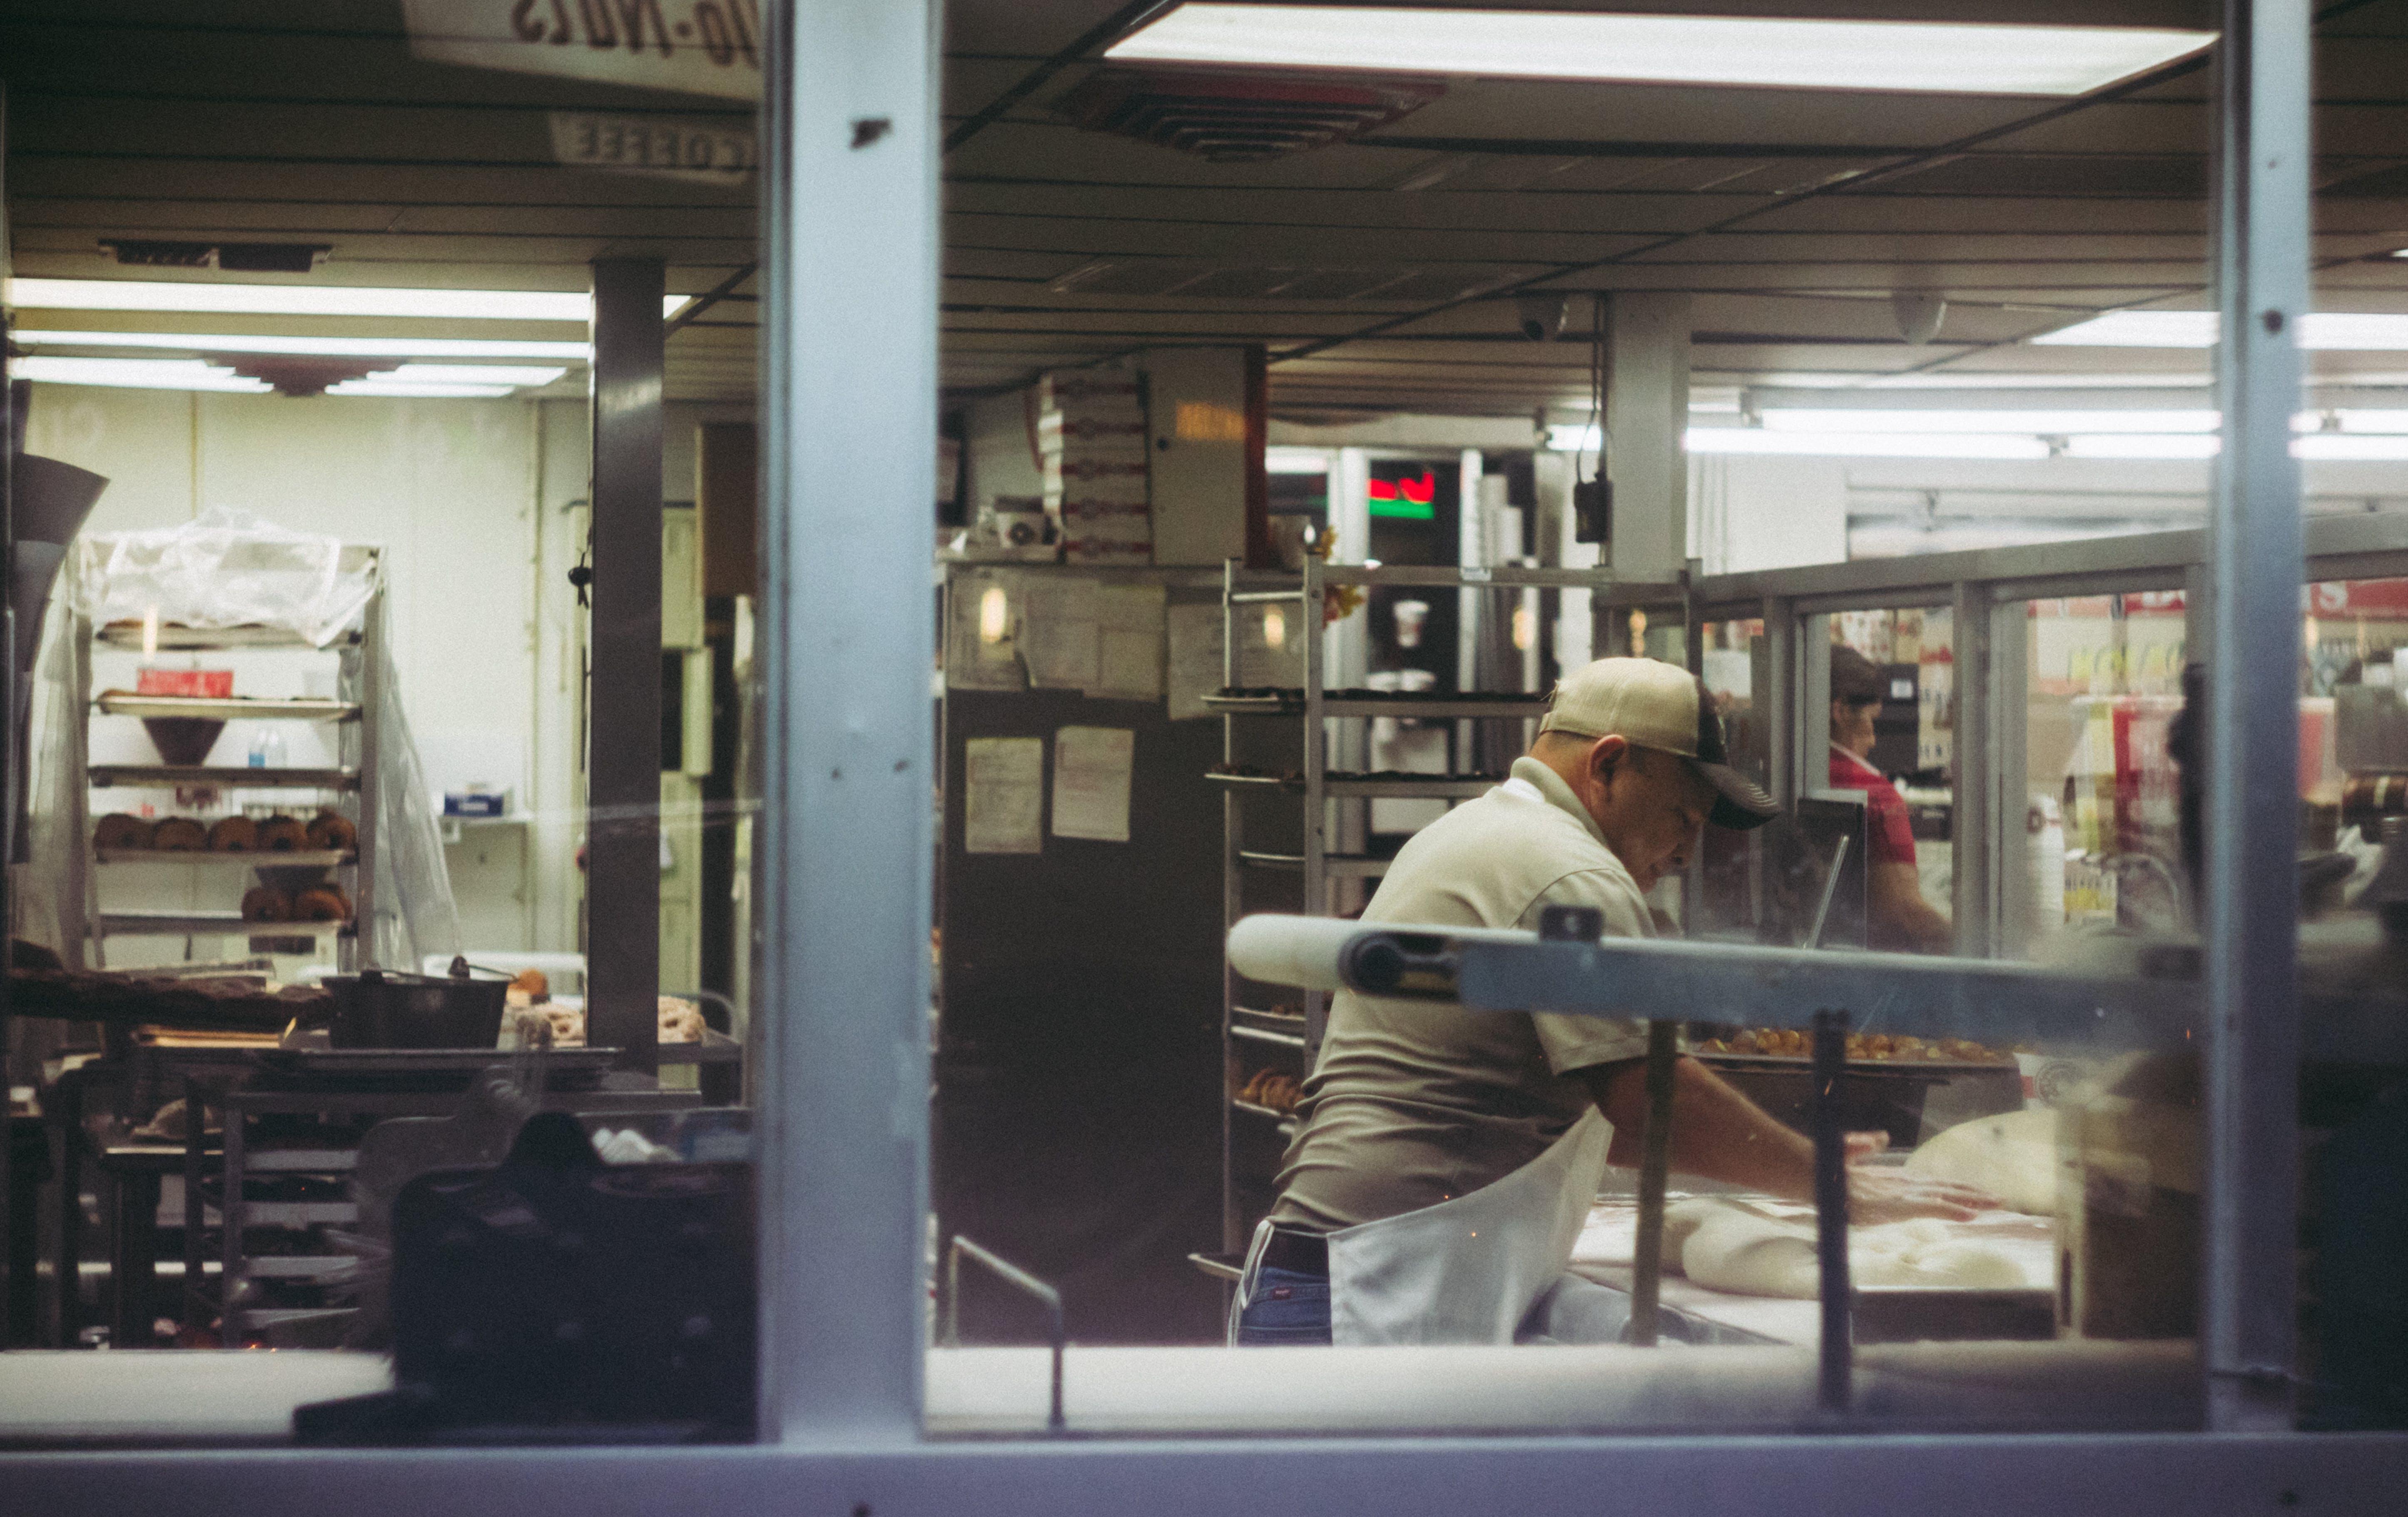 おとこ, アダルト, インドア, エプロンの無料の写真素材